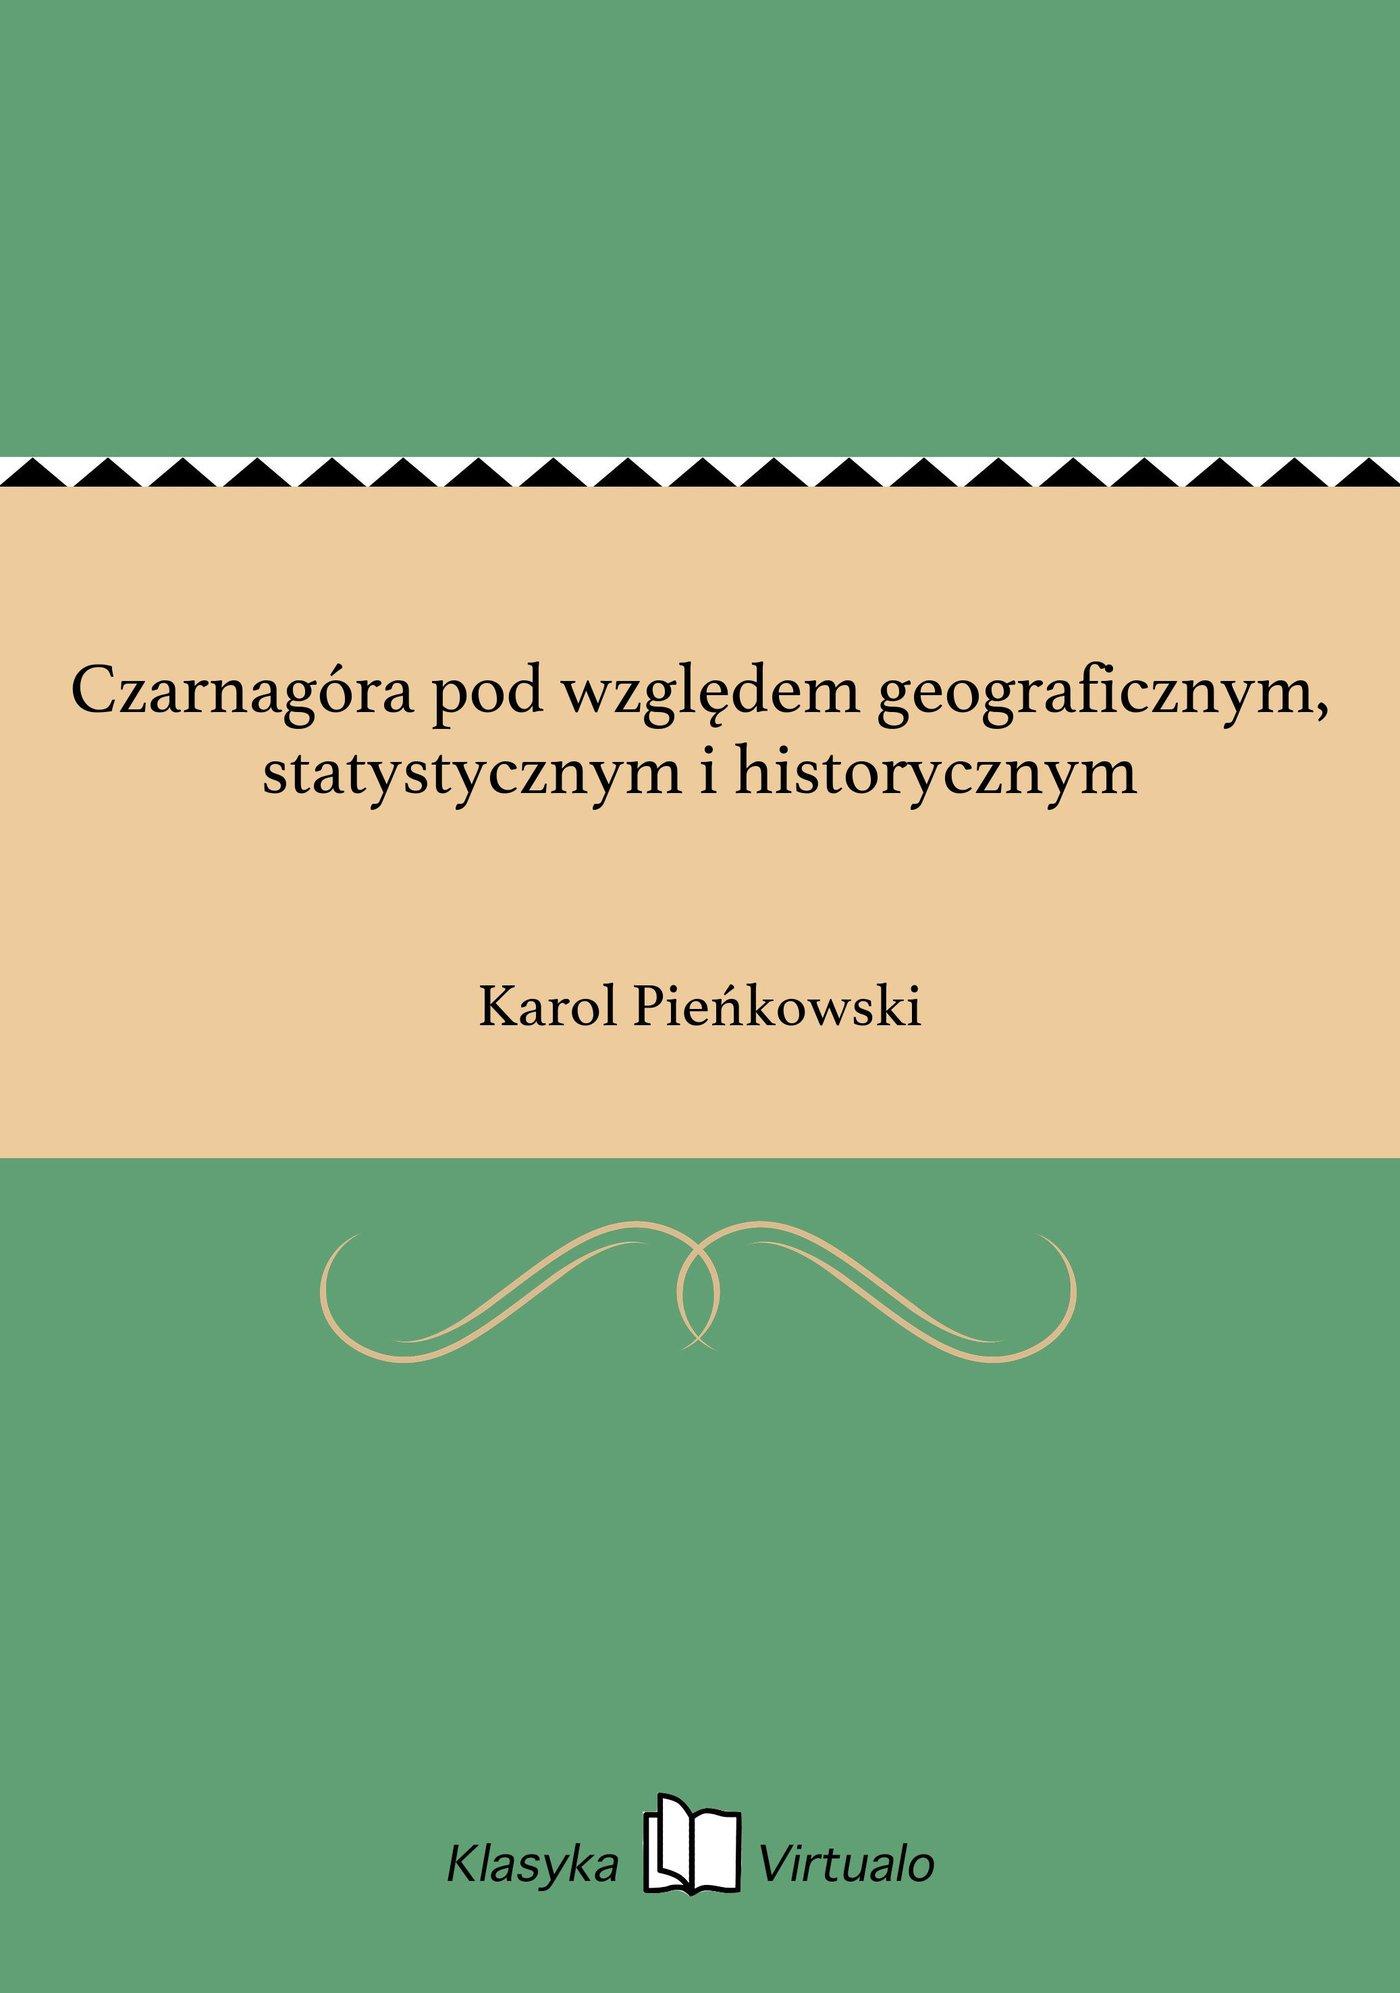 Czarnagóra pod względem geograficznym, statystycznym i historycznym - Ebook (Książka EPUB) do pobrania w formacie EPUB